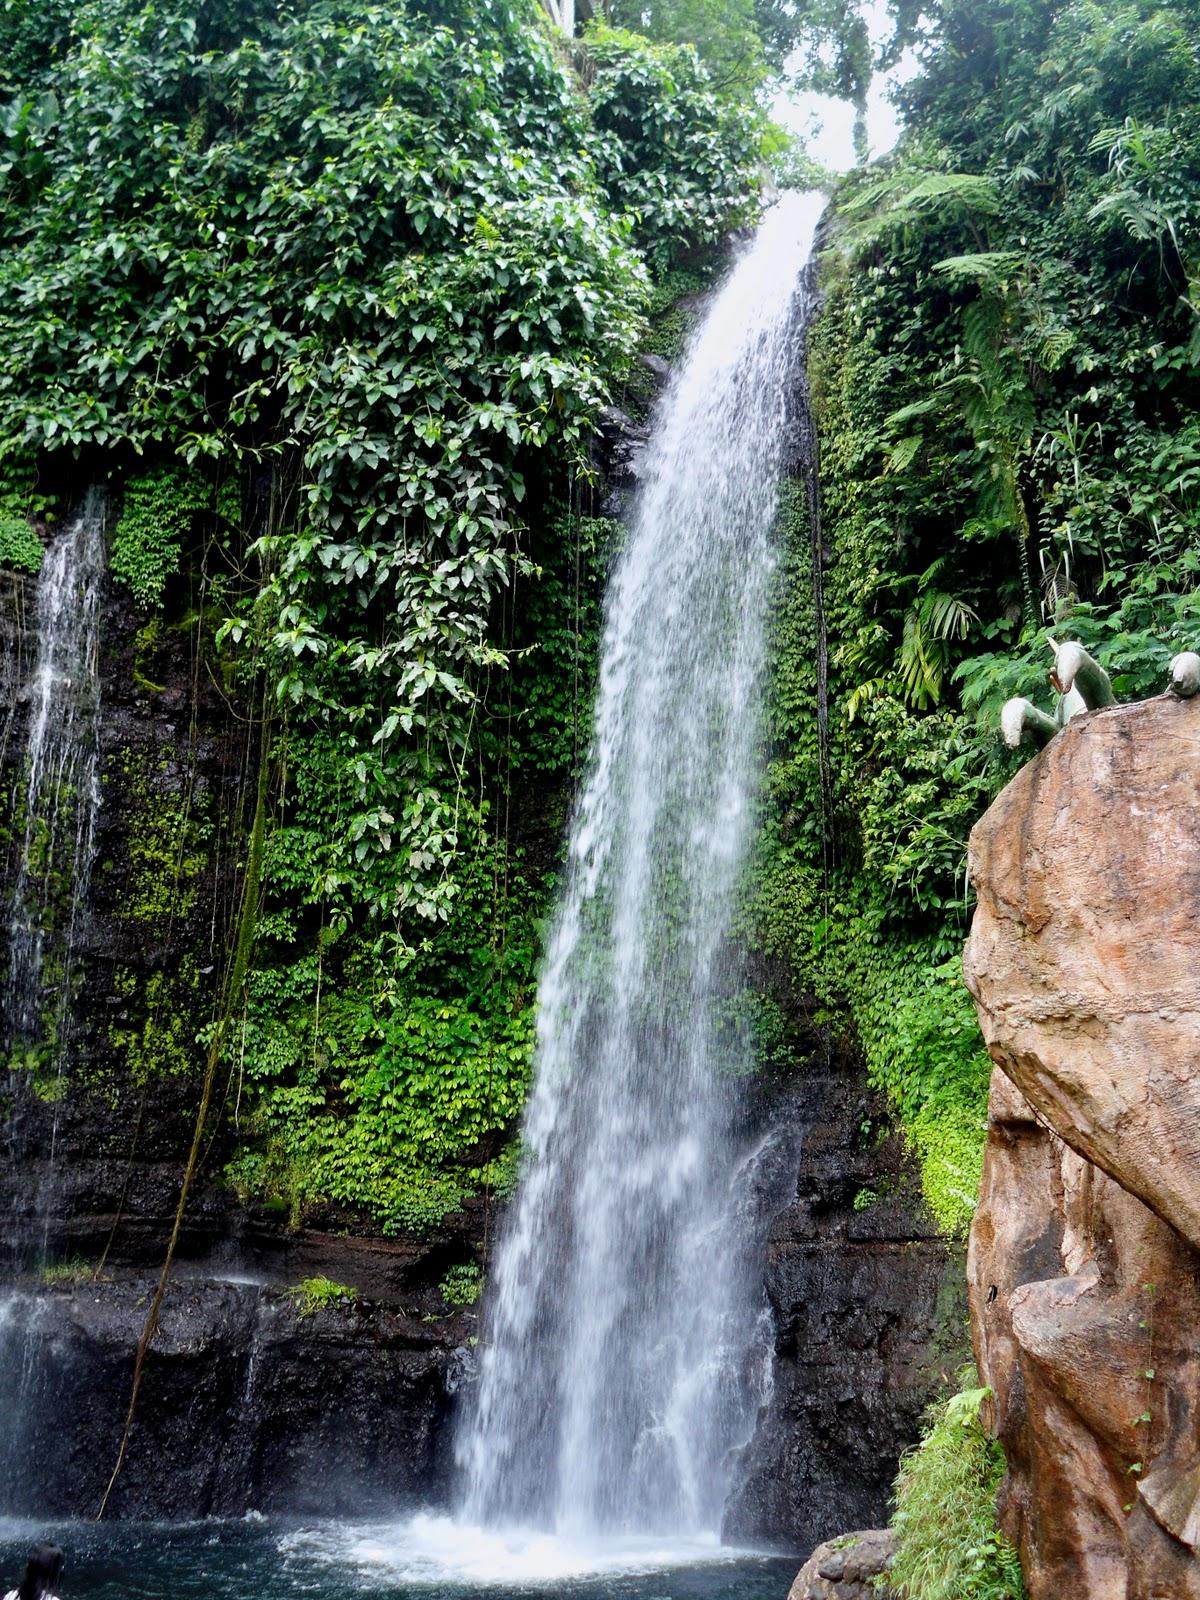 Curug Luhur Bogor : curug, luhur, bogor, Things, Bogor, Attractions, Activities, Klook